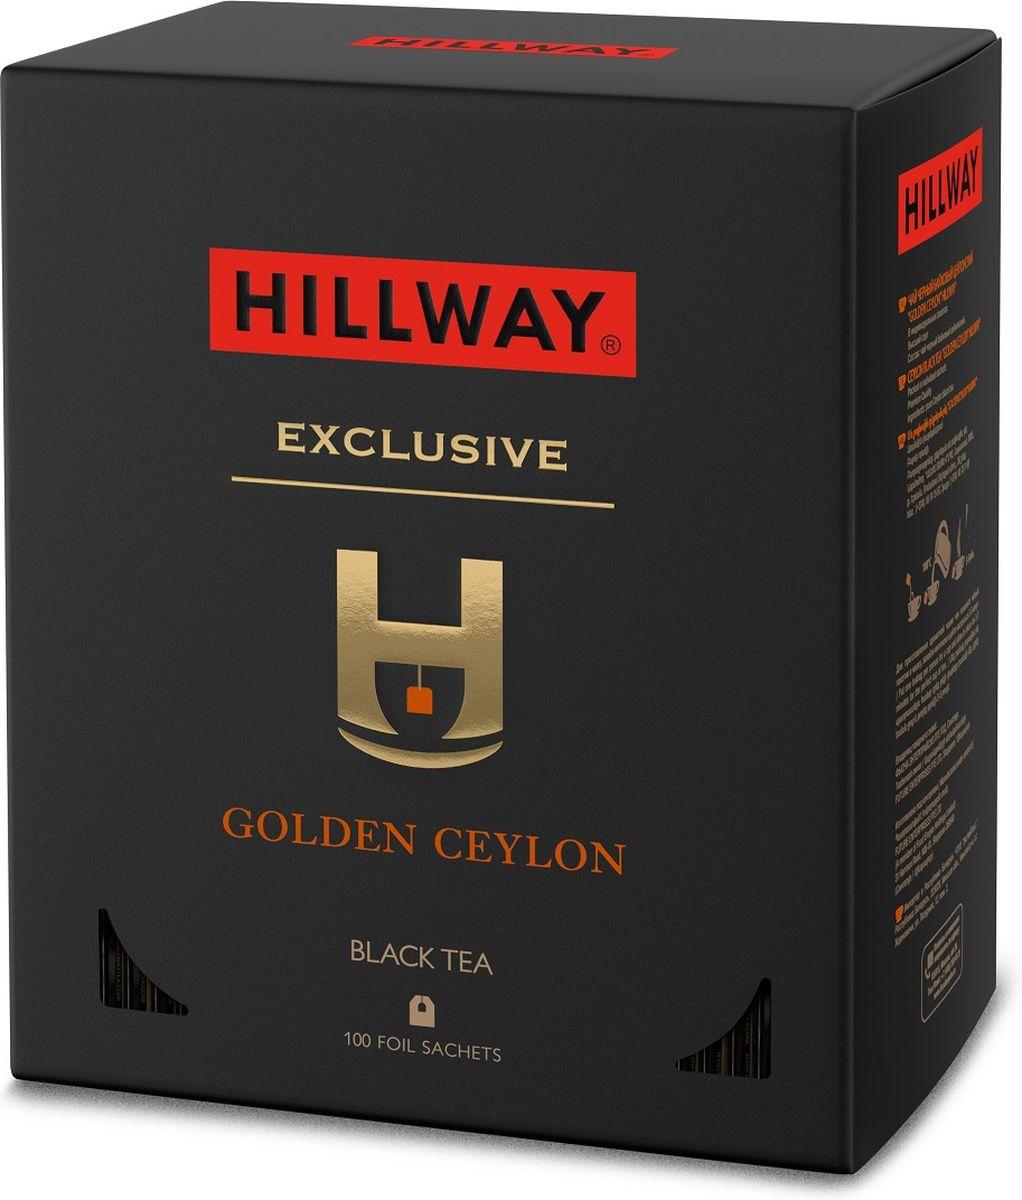 Hillway Golden Ceylon чай в сашетах, 100 шт8886300990584Черный чай Hillway Golden Ceylon — это по-настоящему крепкий черный чай с благородным красным оттенком, насладитесь его выразительным вкусом и изысканным ароматом.